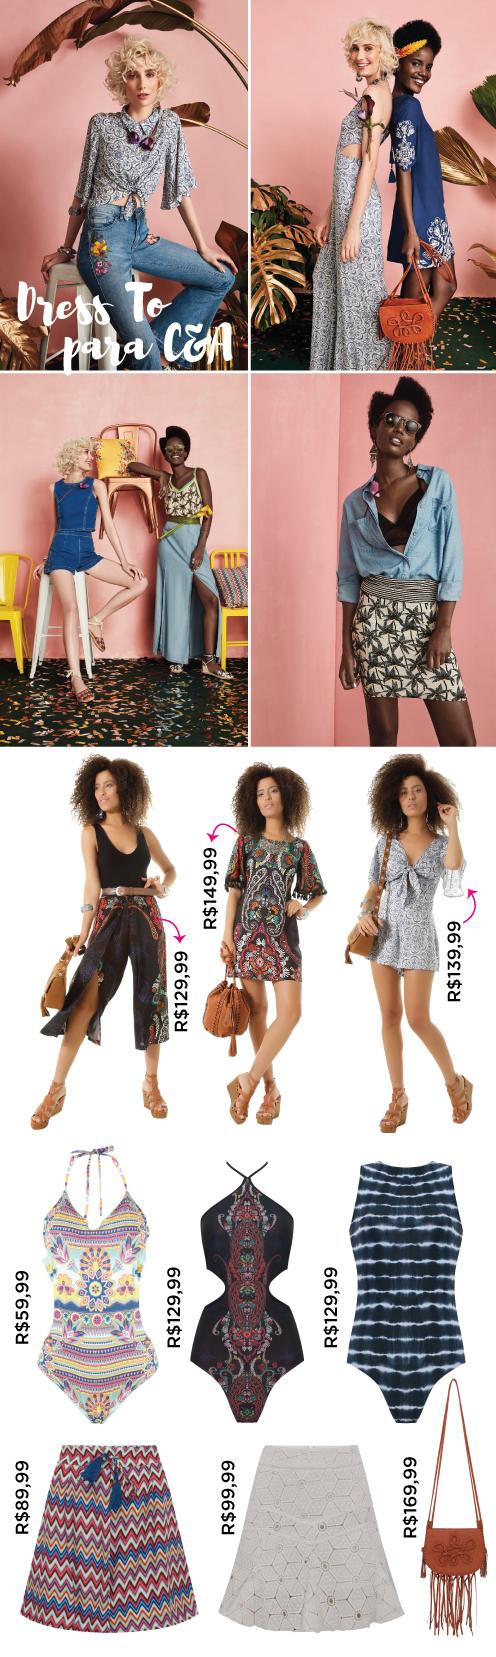 cea-dress-to-colecao-designer-fast-fashion-moda-blog-dica